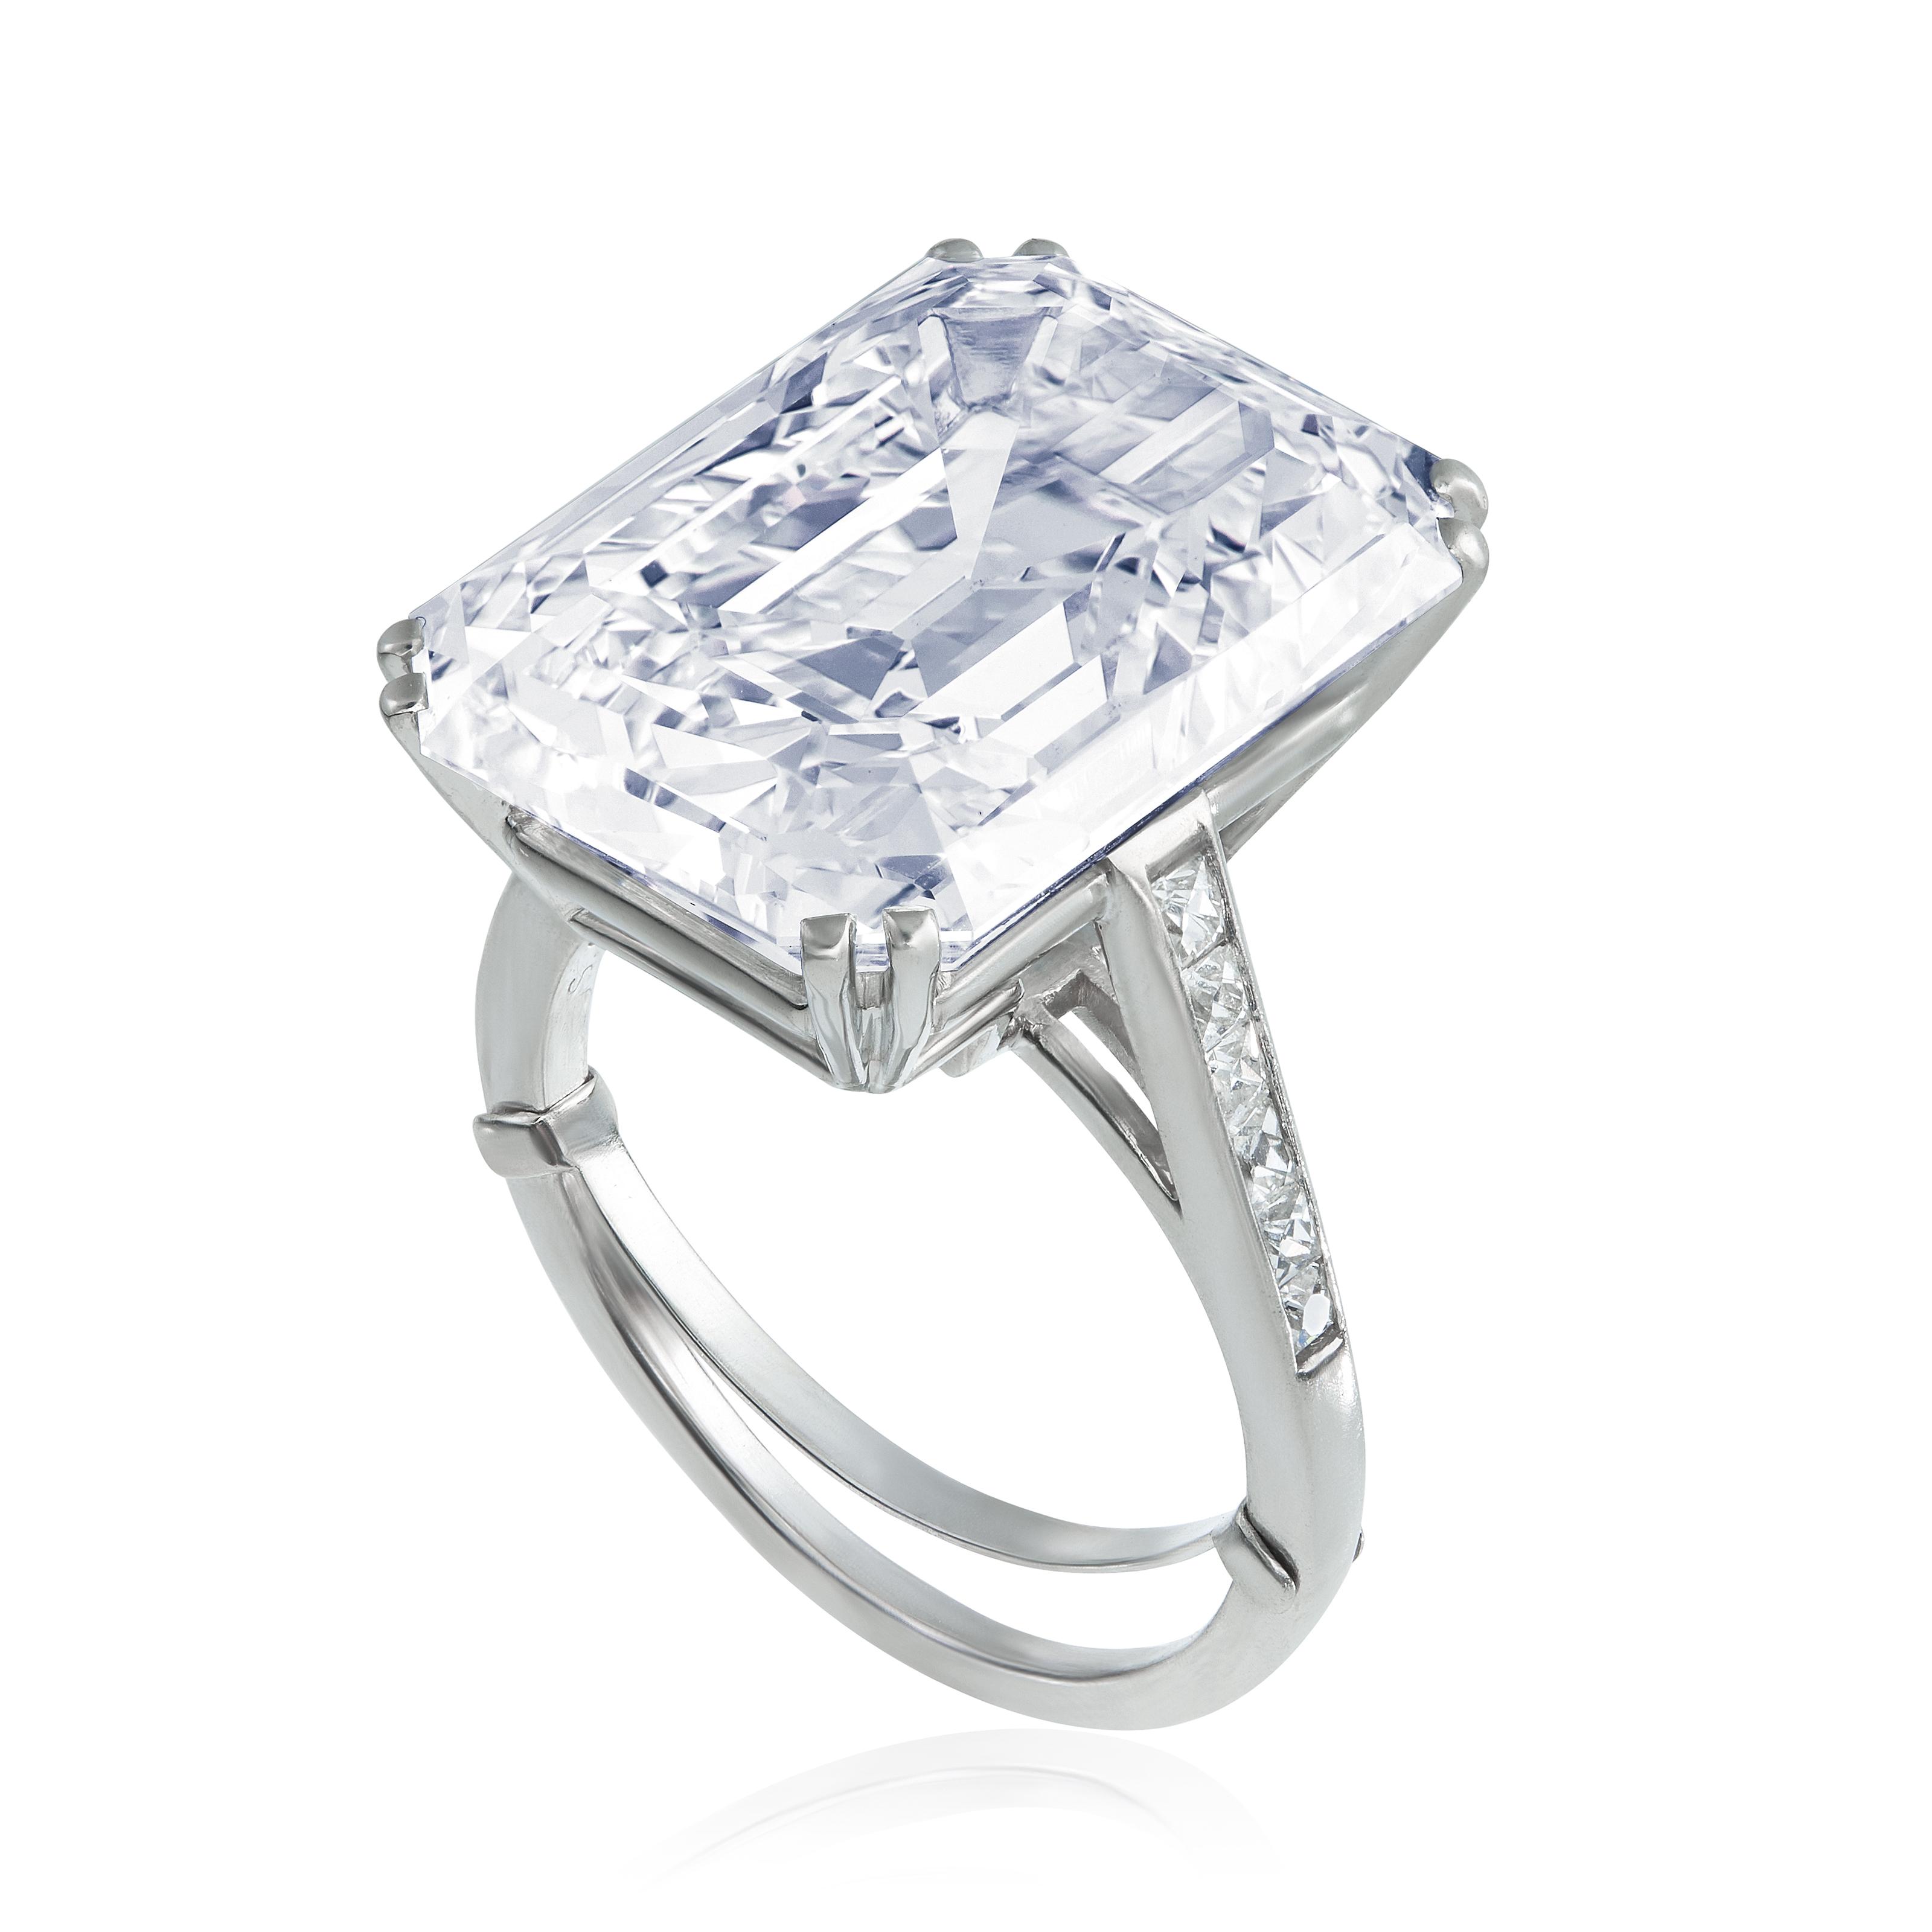 A DIAMOND RING, BY VAN CLEEF & ARPELS